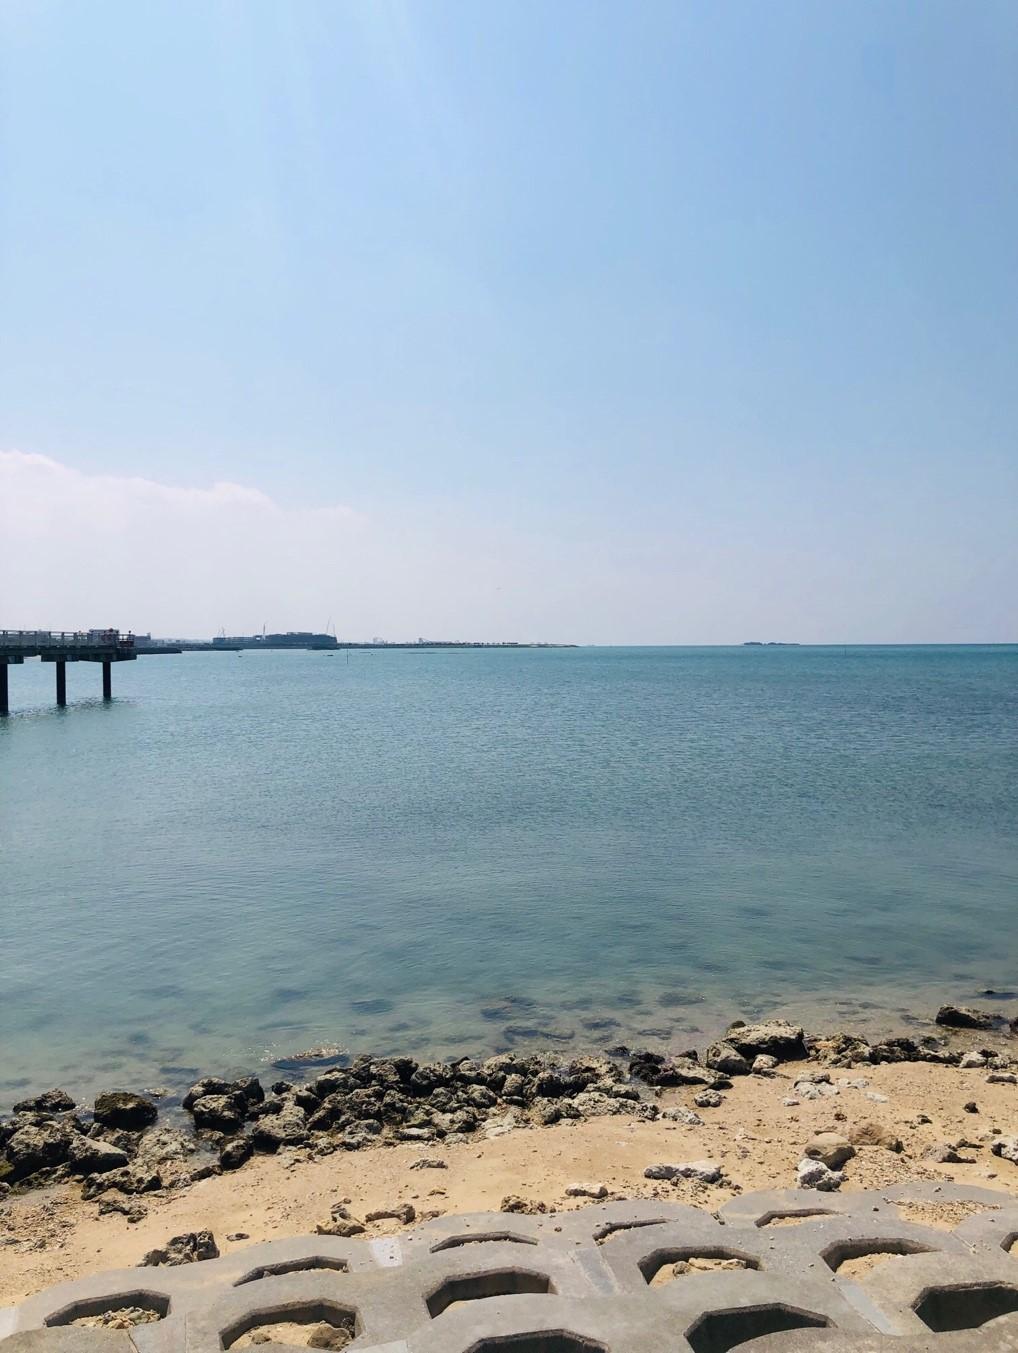 アイランドリゾート「瀬長島ウミカジテラス」